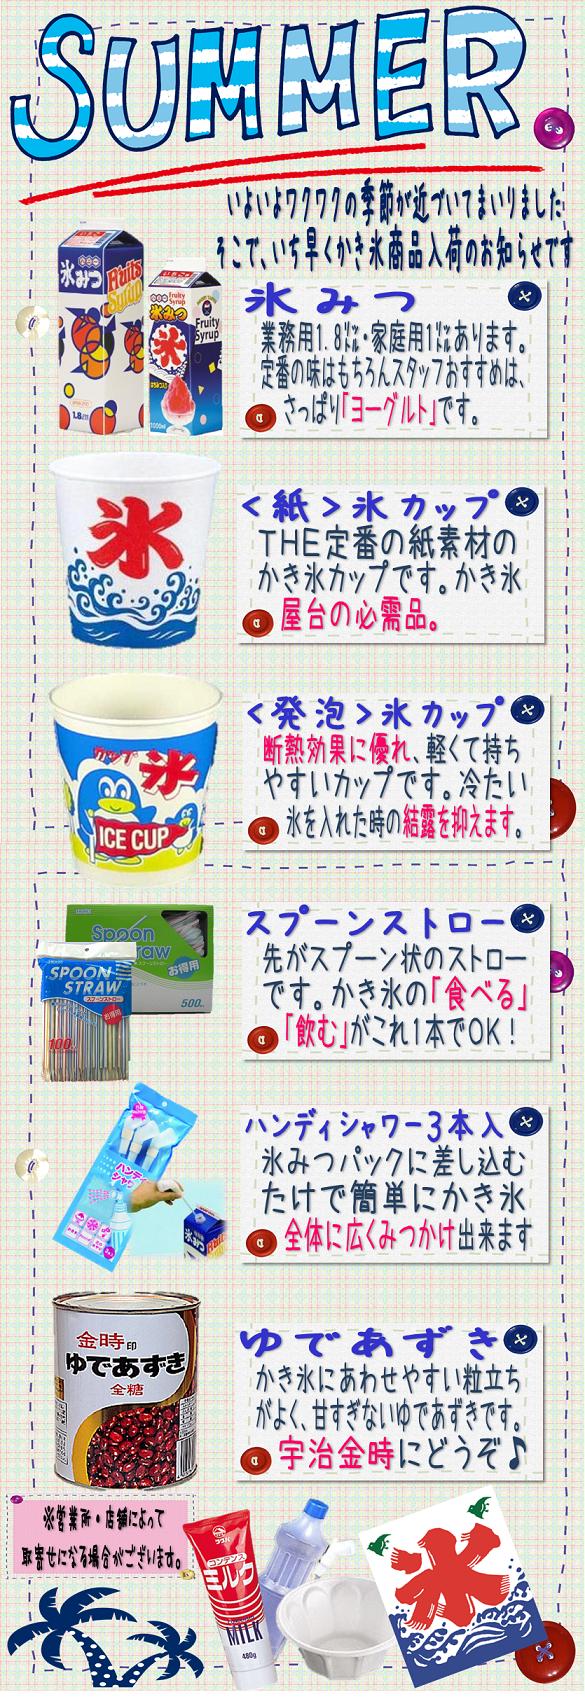 3夏氷みつ2014